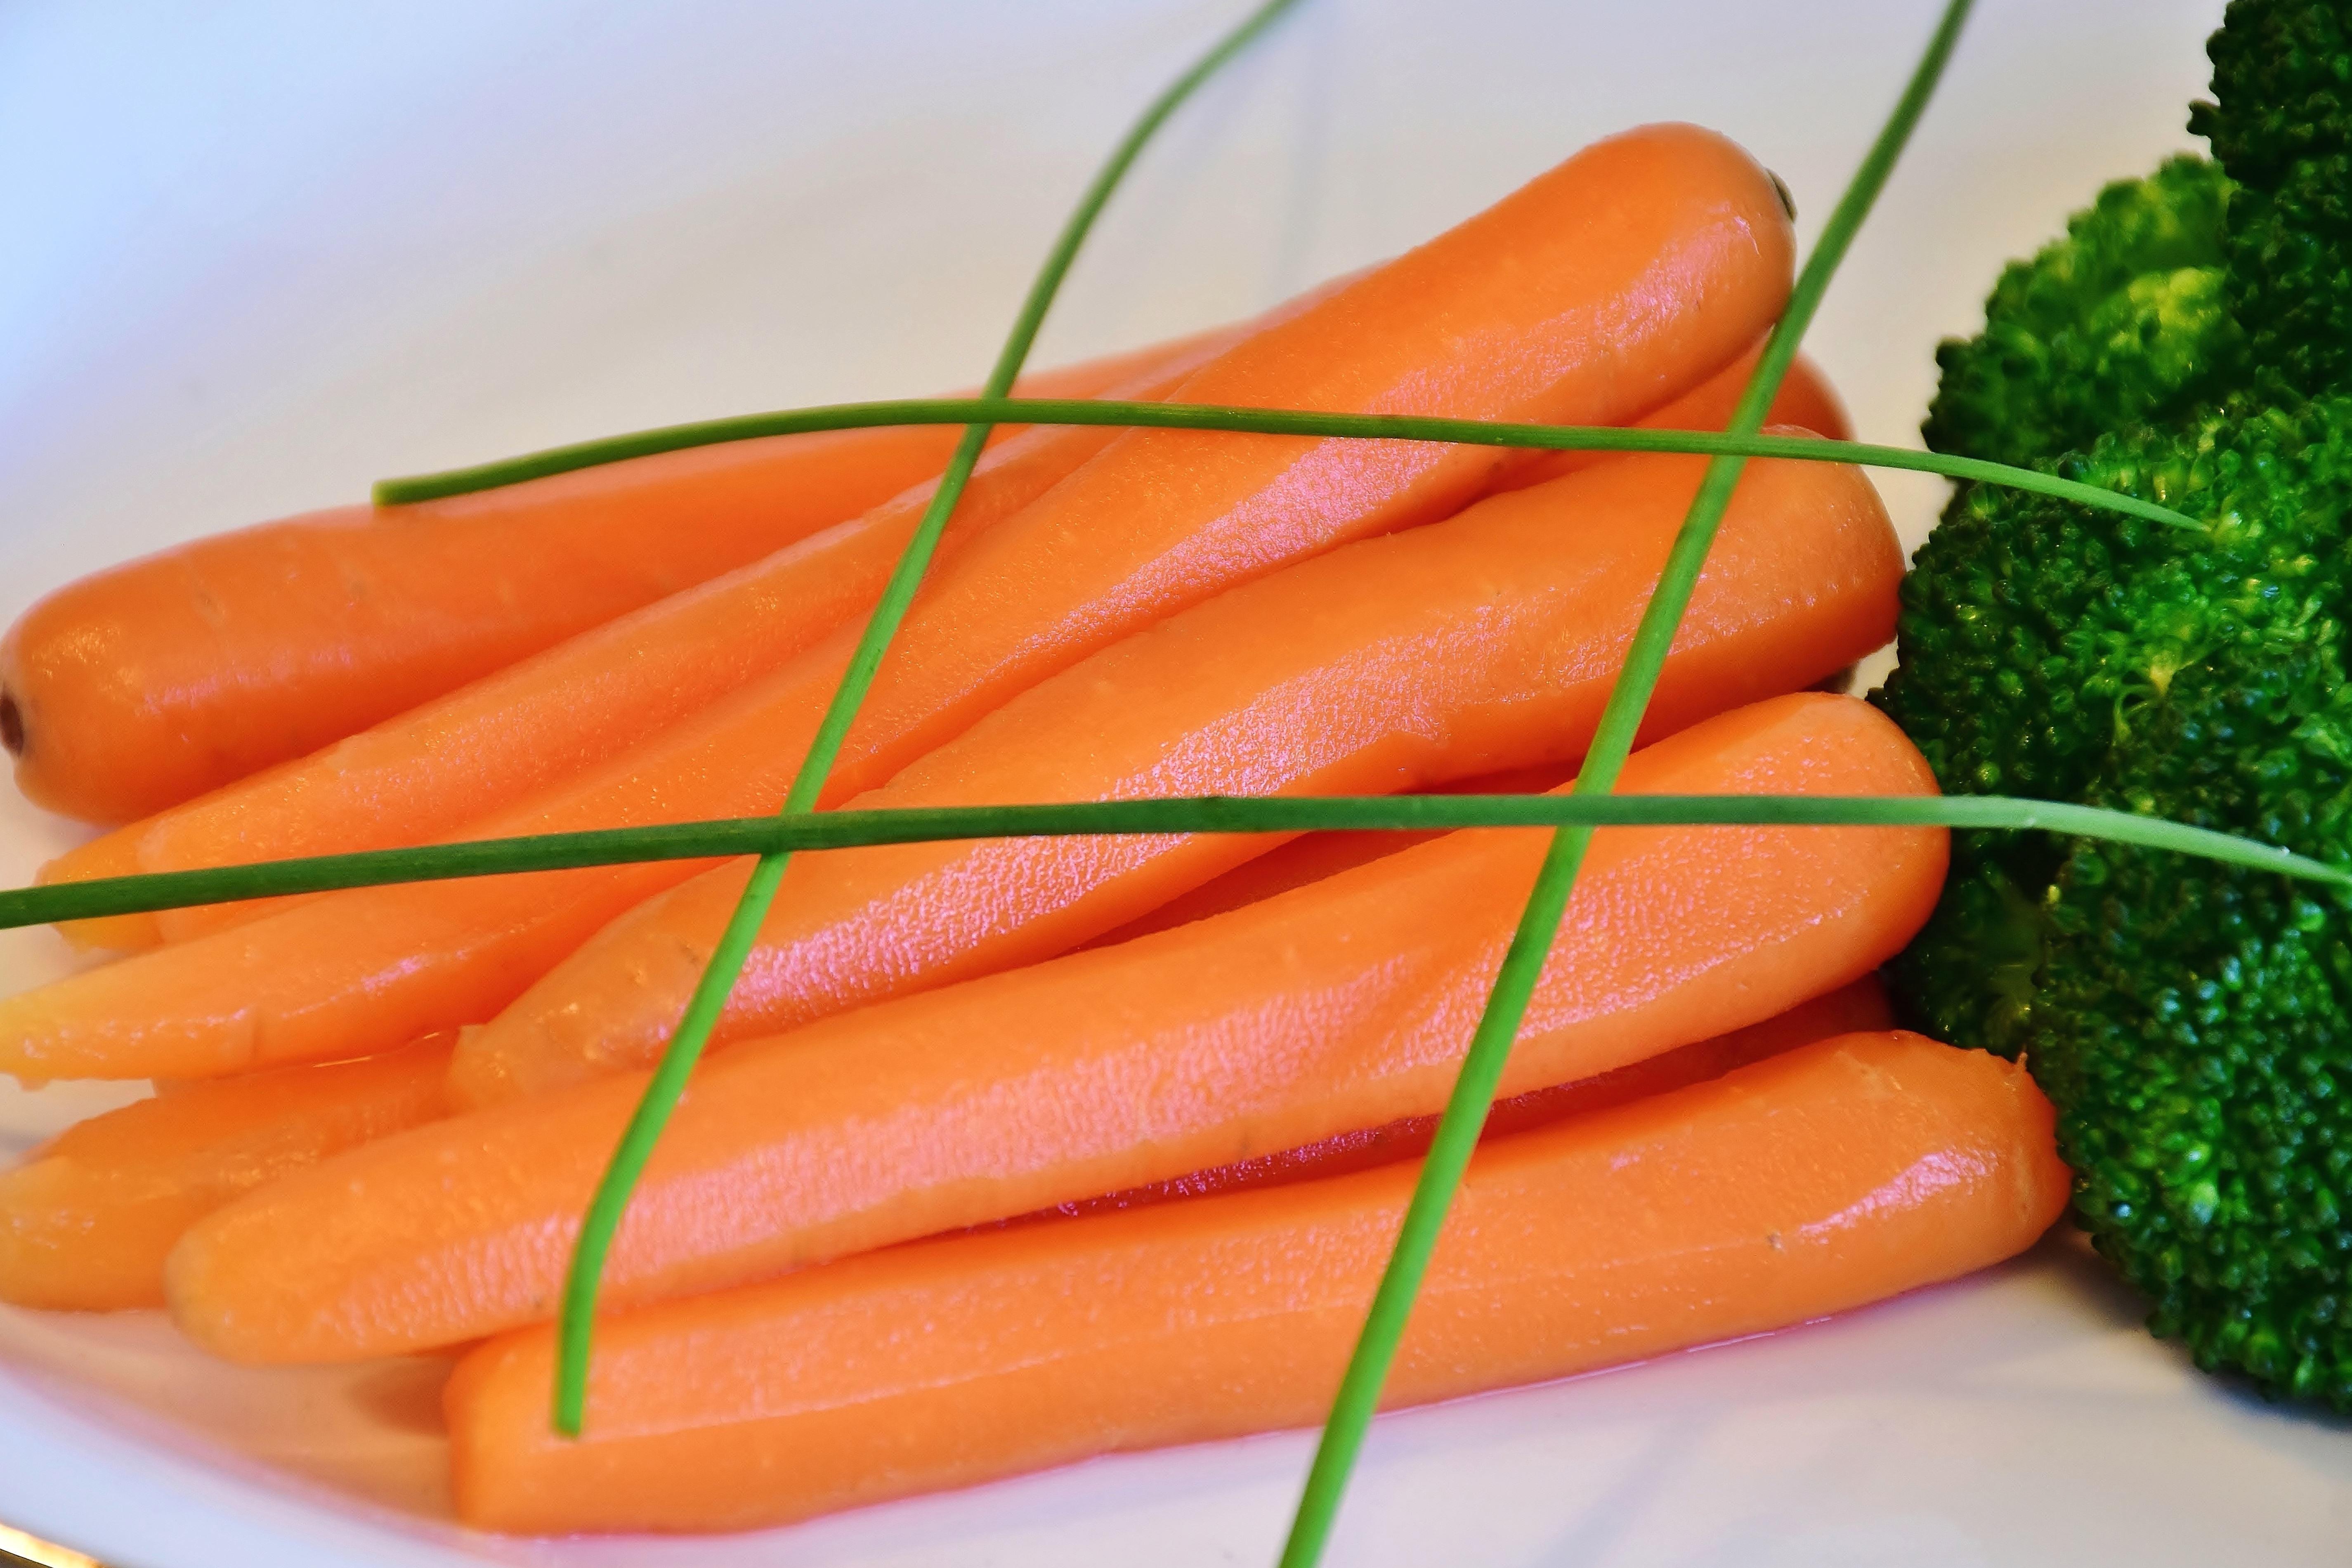 kostenlose bild m hren gem se vegetarisch vitamine lebensmittel frisch salat ern hrung. Black Bedroom Furniture Sets. Home Design Ideas